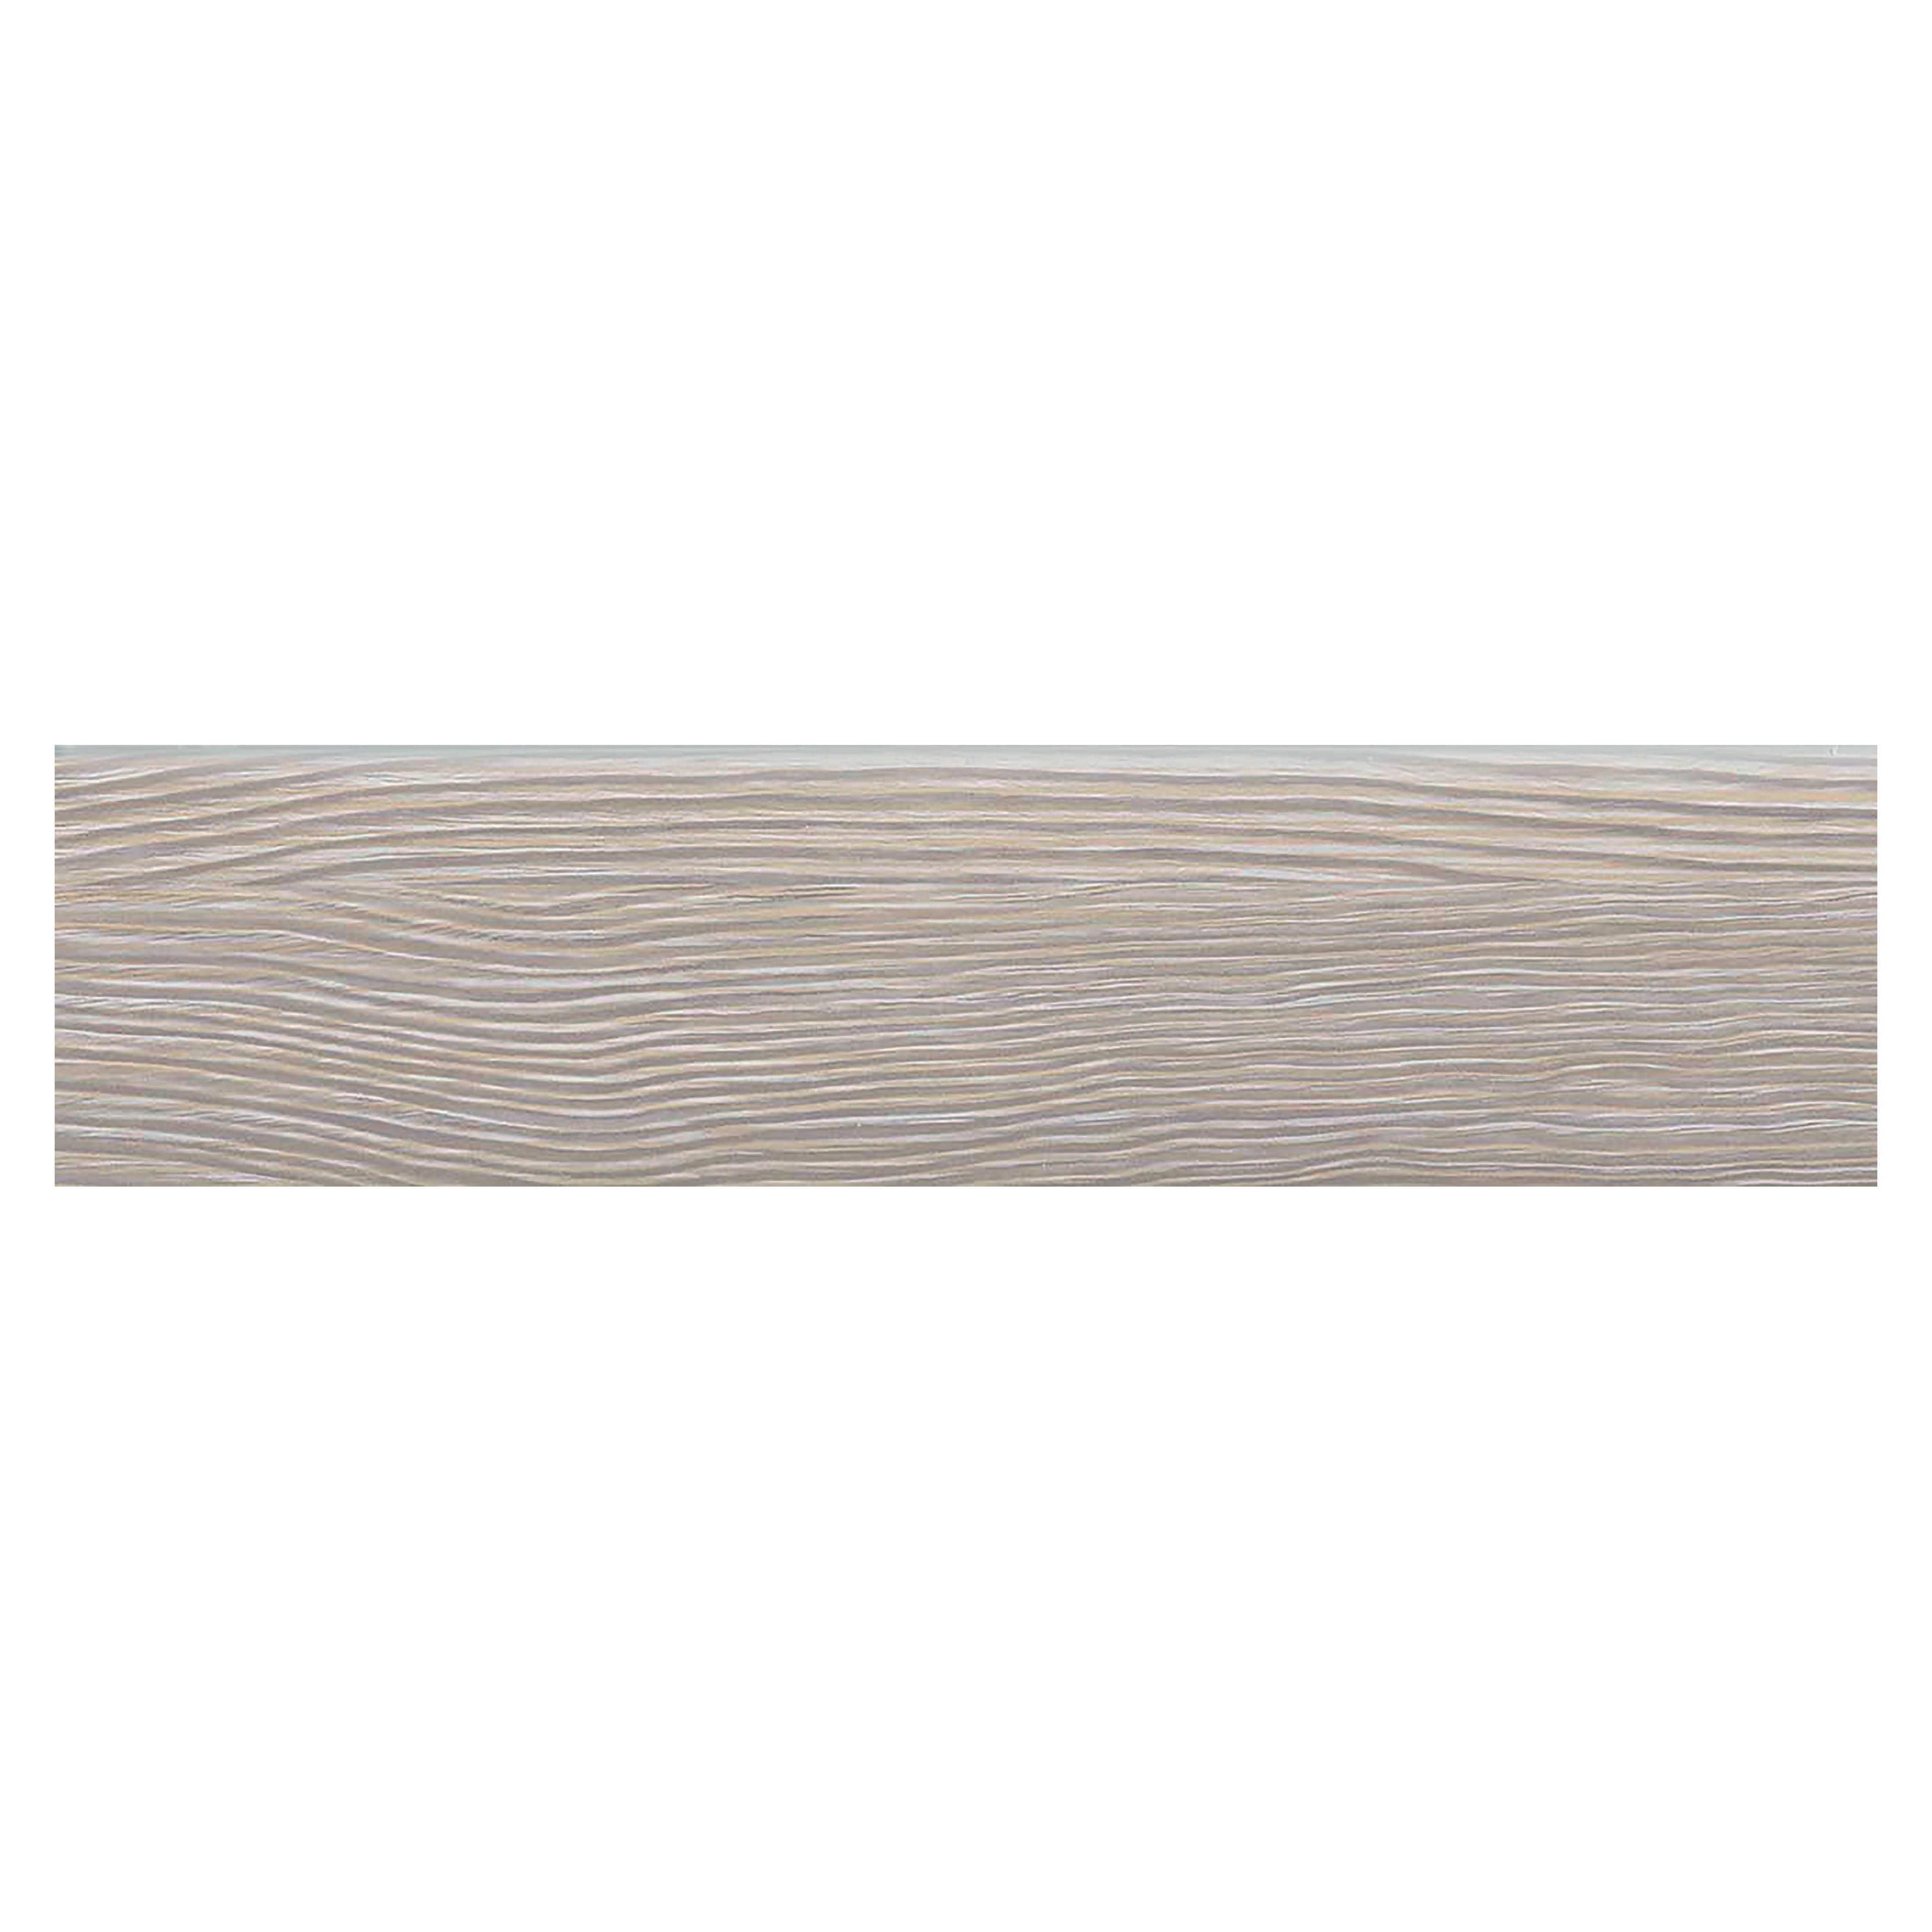 Gres Porcellanato Rovere Sbiancato Prezzo battiscopa cedar h 8 x l 33.3 cm beige